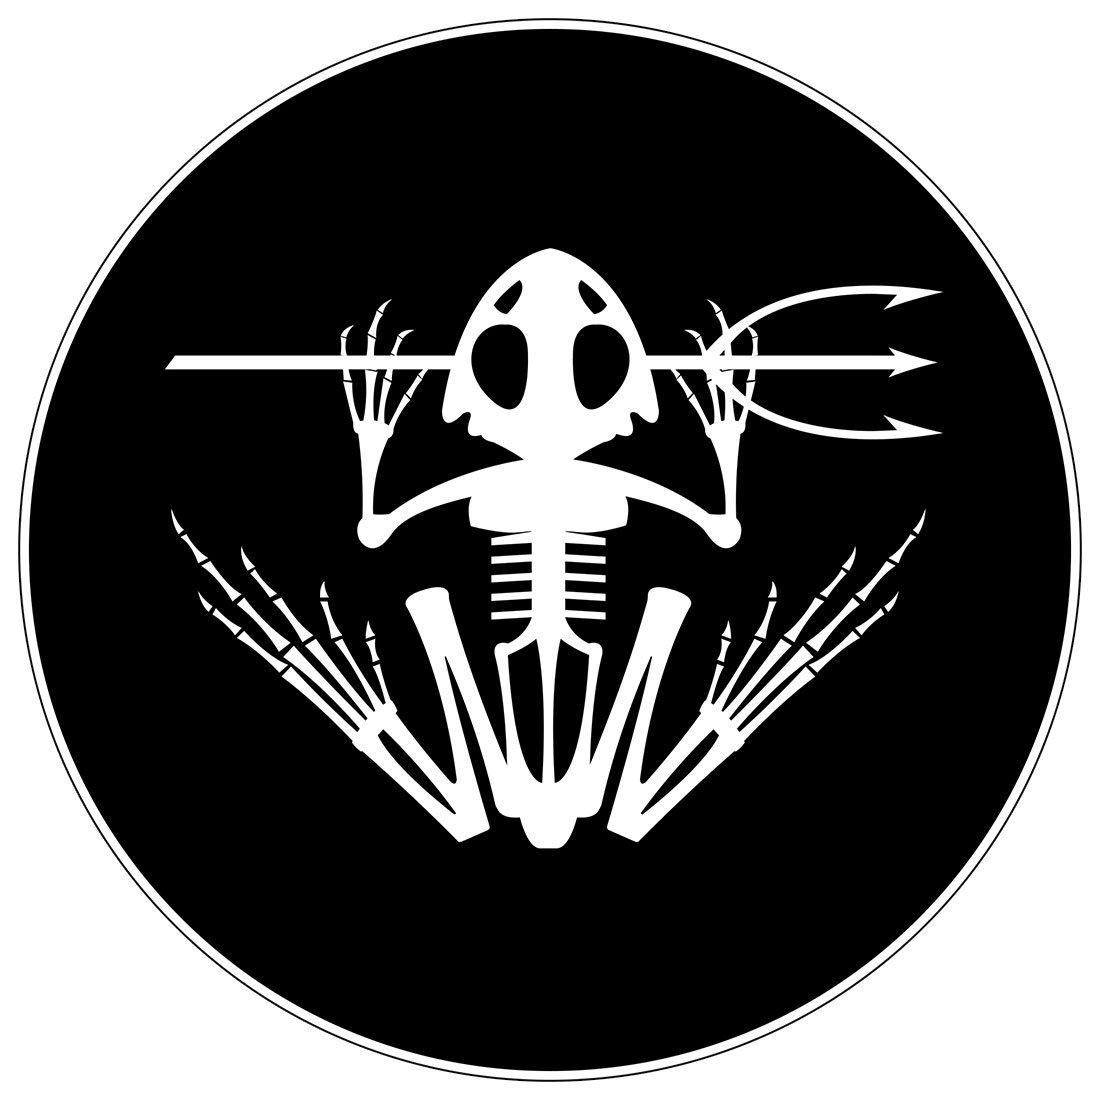 3S MOTORLINE 2X White 4 Devgru Team Frog Skeleton Decal Vinyl Sticker Car Laptop Window Die Cut no bkgrd